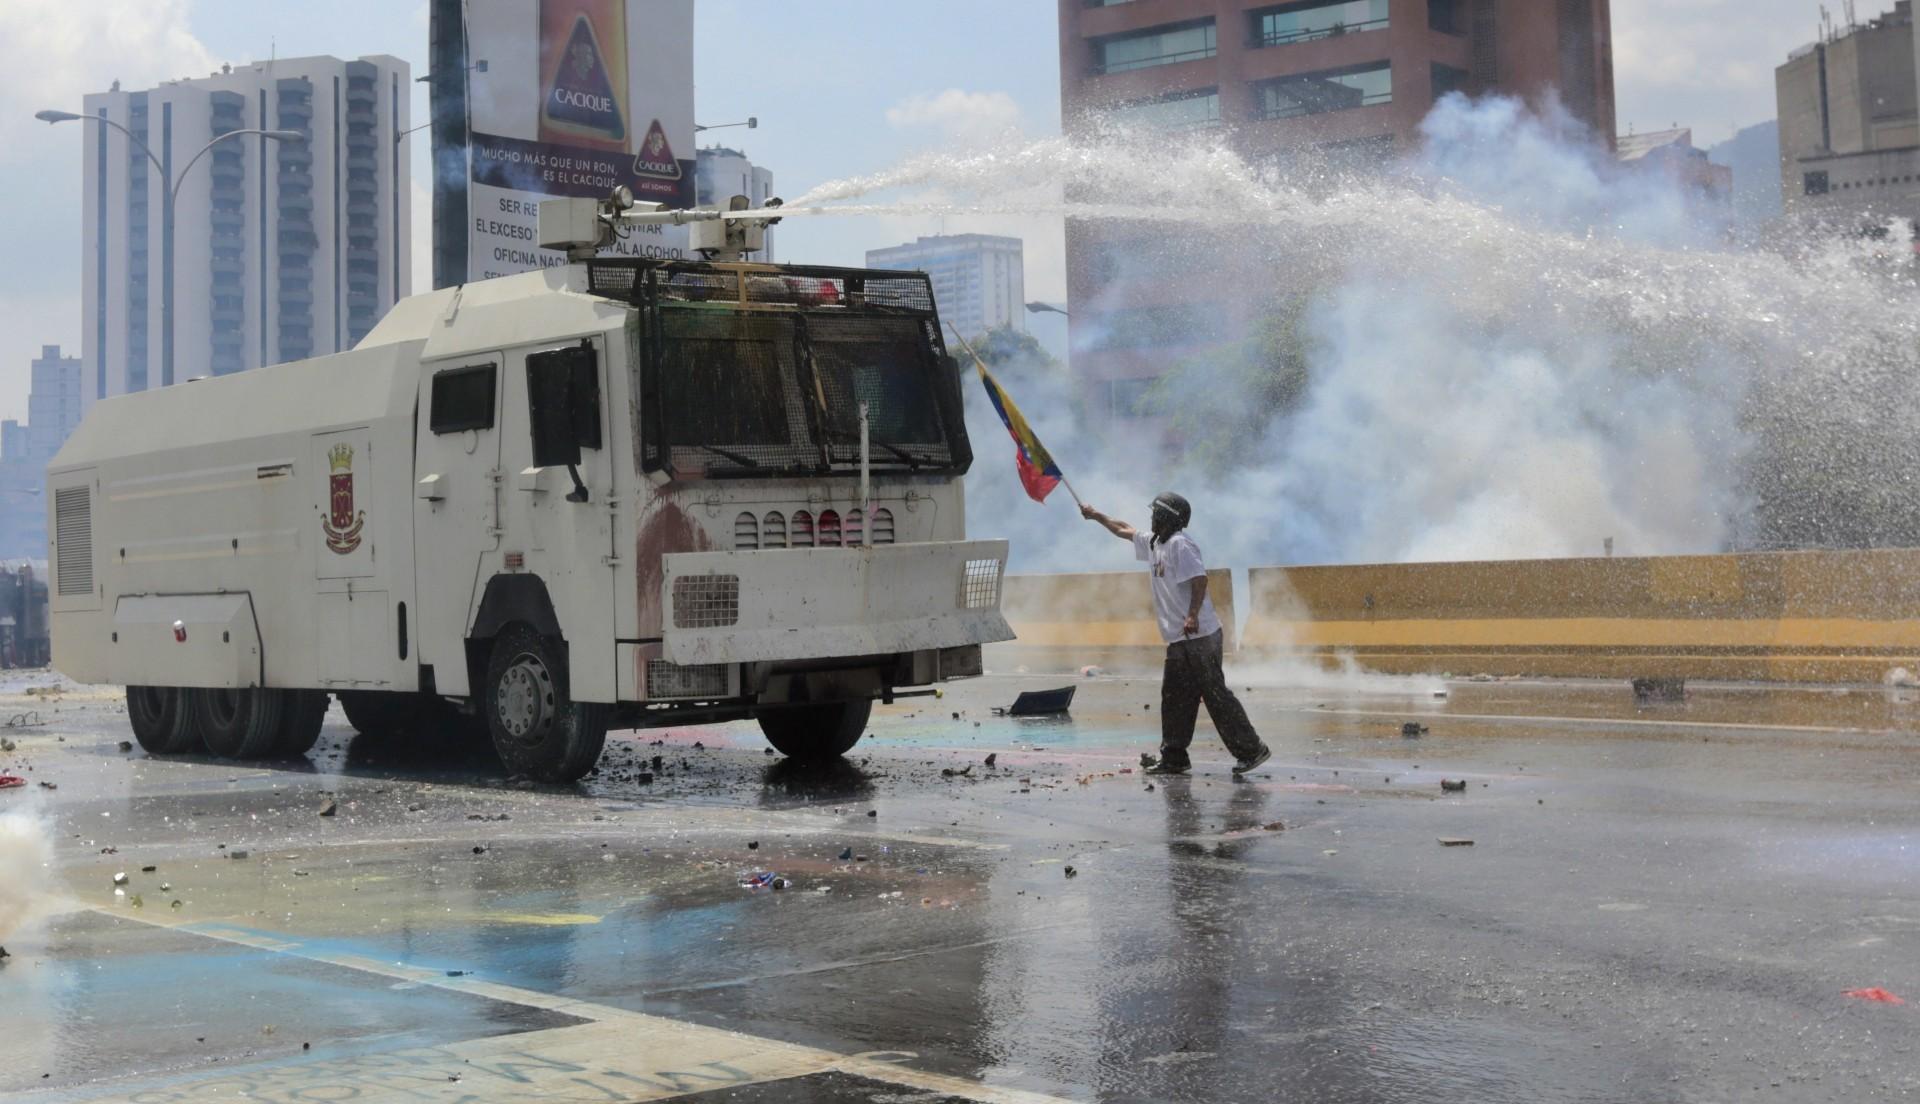 El reportero colombiano suele estar en una ubicación arriesgada ante la represión de las autoridades